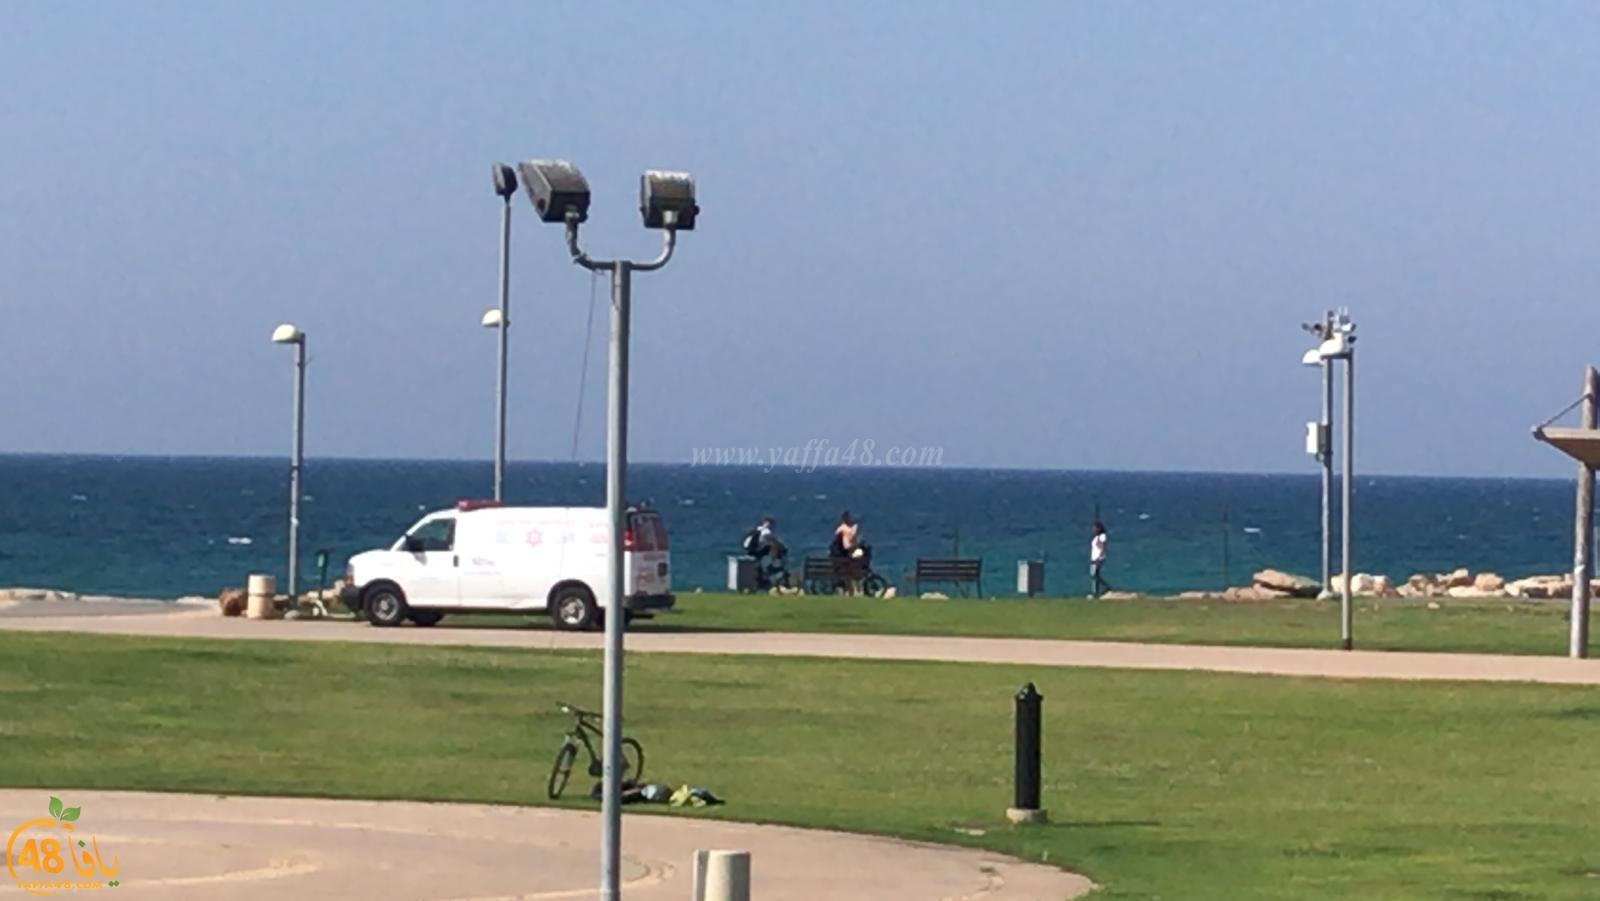 بالصور: أعمال بحث عن مفقود على شاطئ حسن بك شمال يافا